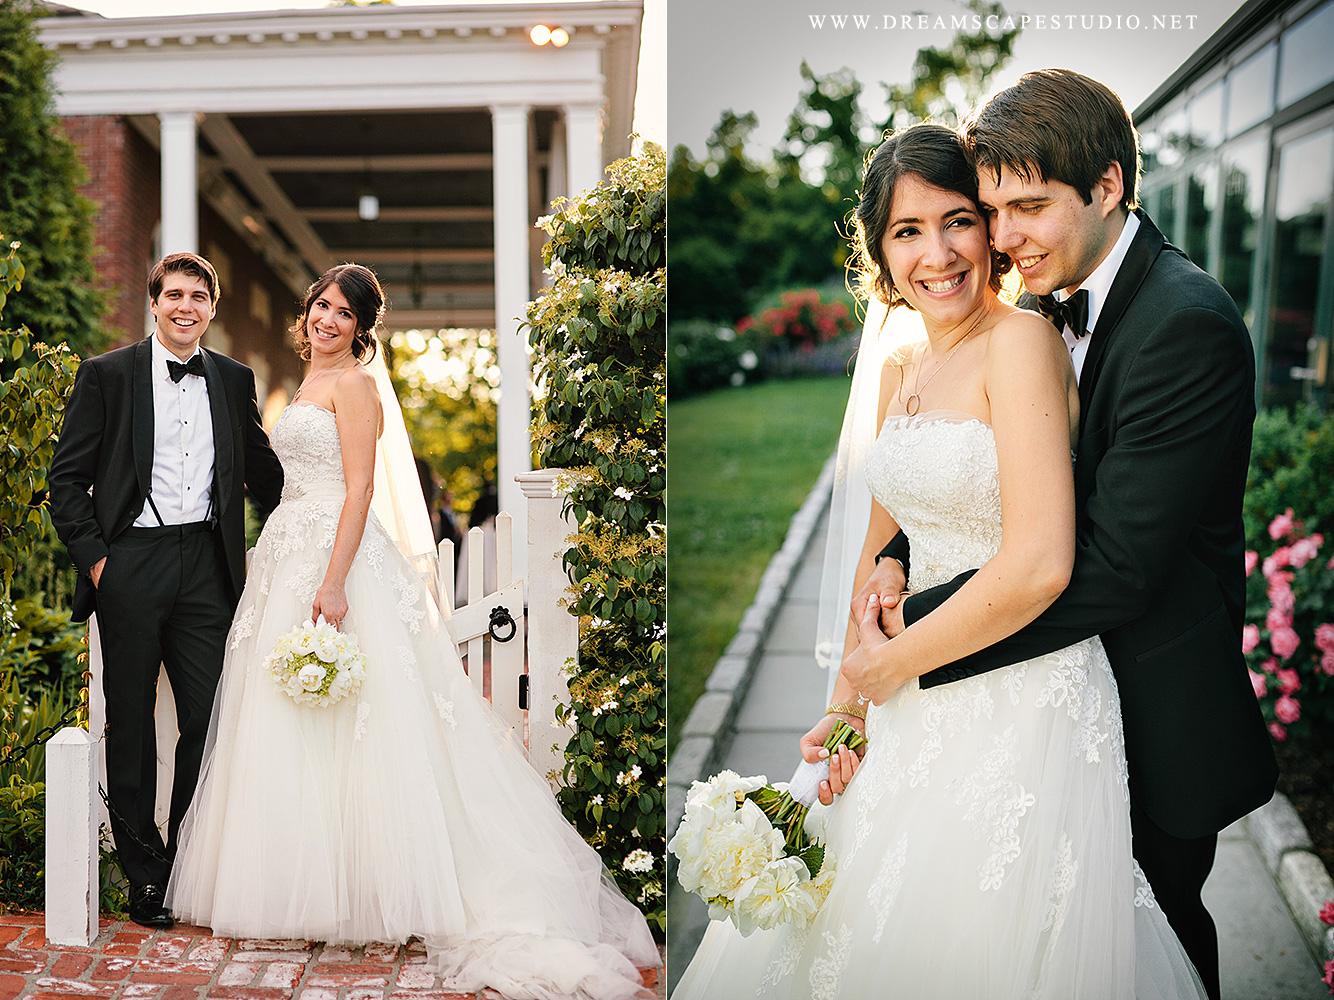 NY_Wedding_Photographer_JeRy_40.jpg